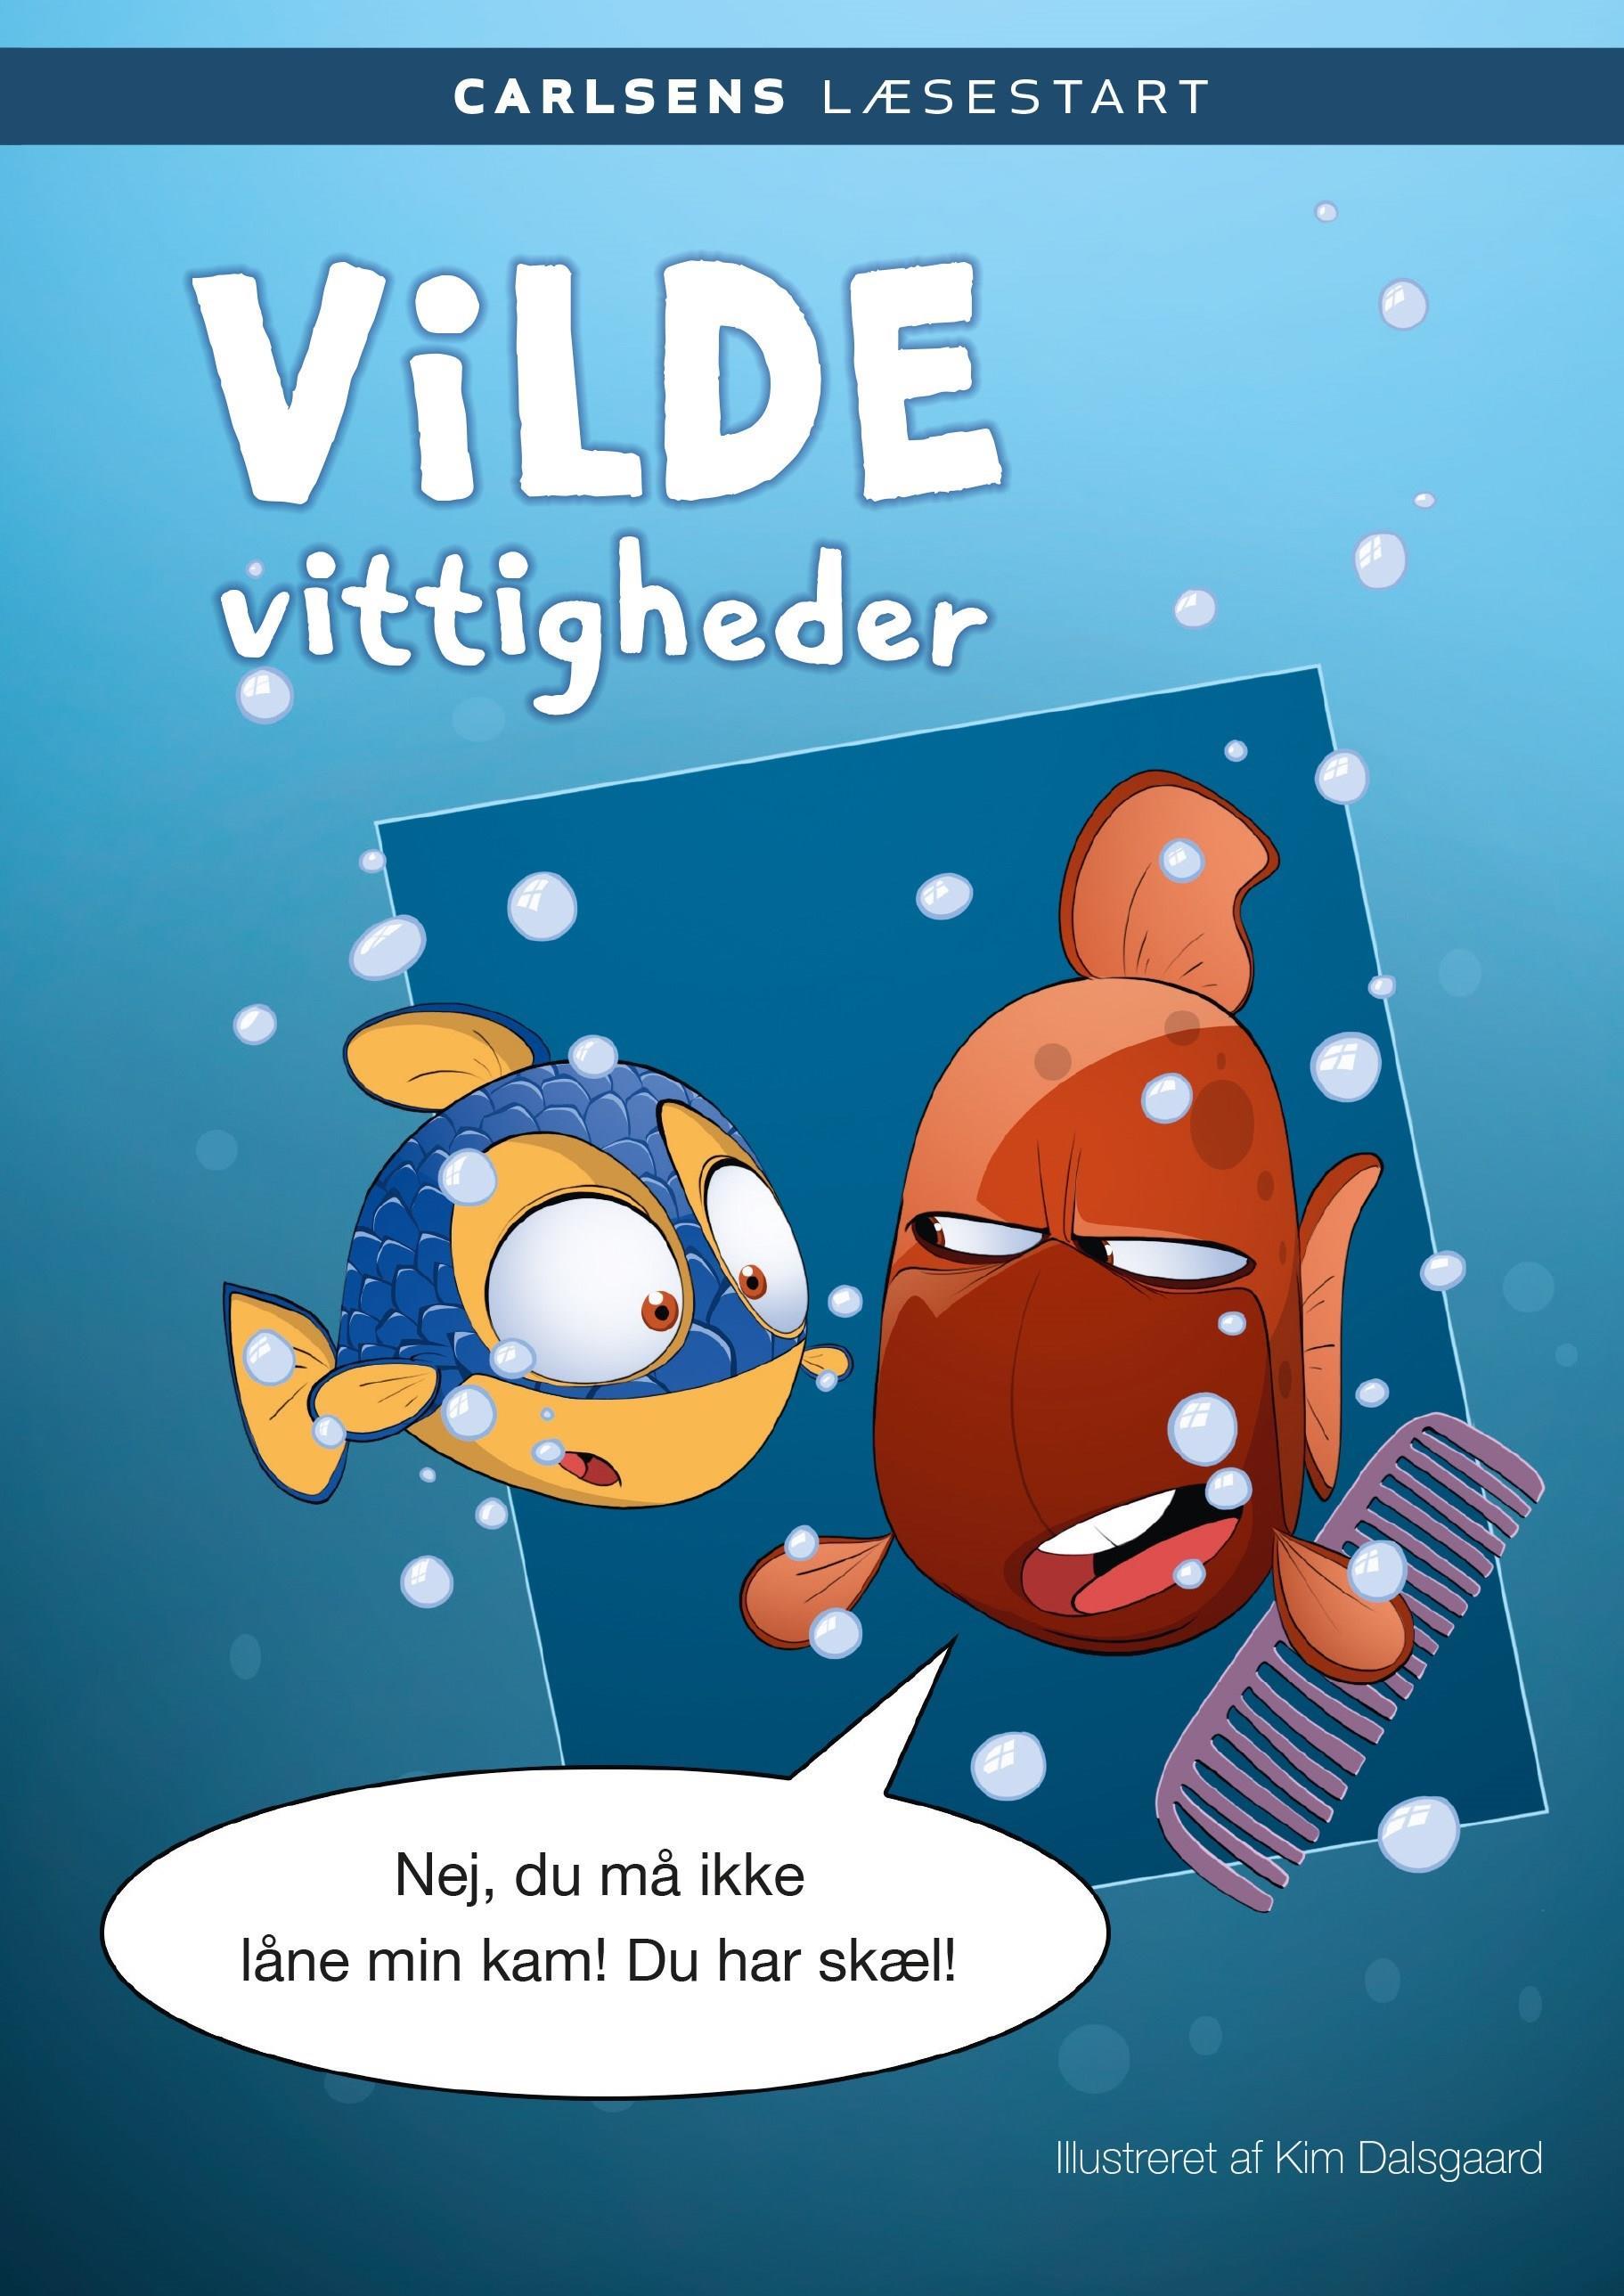 Carlsens Læsestart: Carlsens Læsestart: Vilde vittigheder - Kim Dalsgaard - Bøger - CARLSEN - 9788711916636 - 15. januar 2020